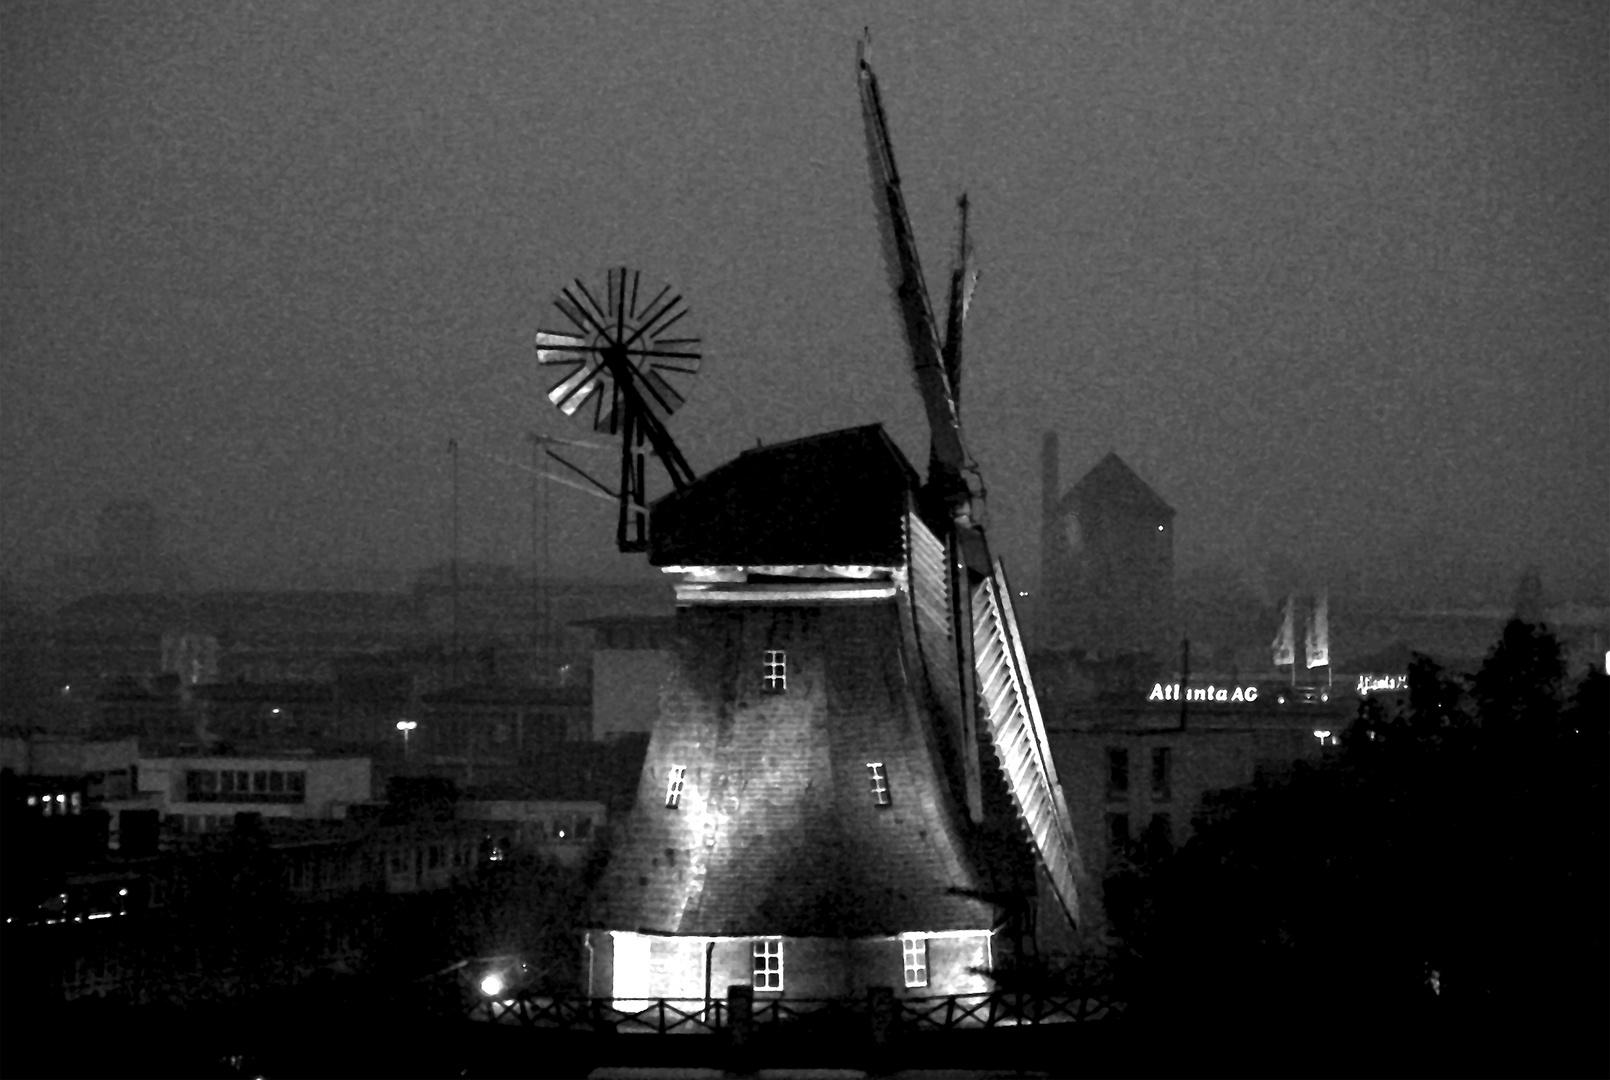 Bremen mit Wallmühle im grauen Nieselregen am späten Novembernachmittag